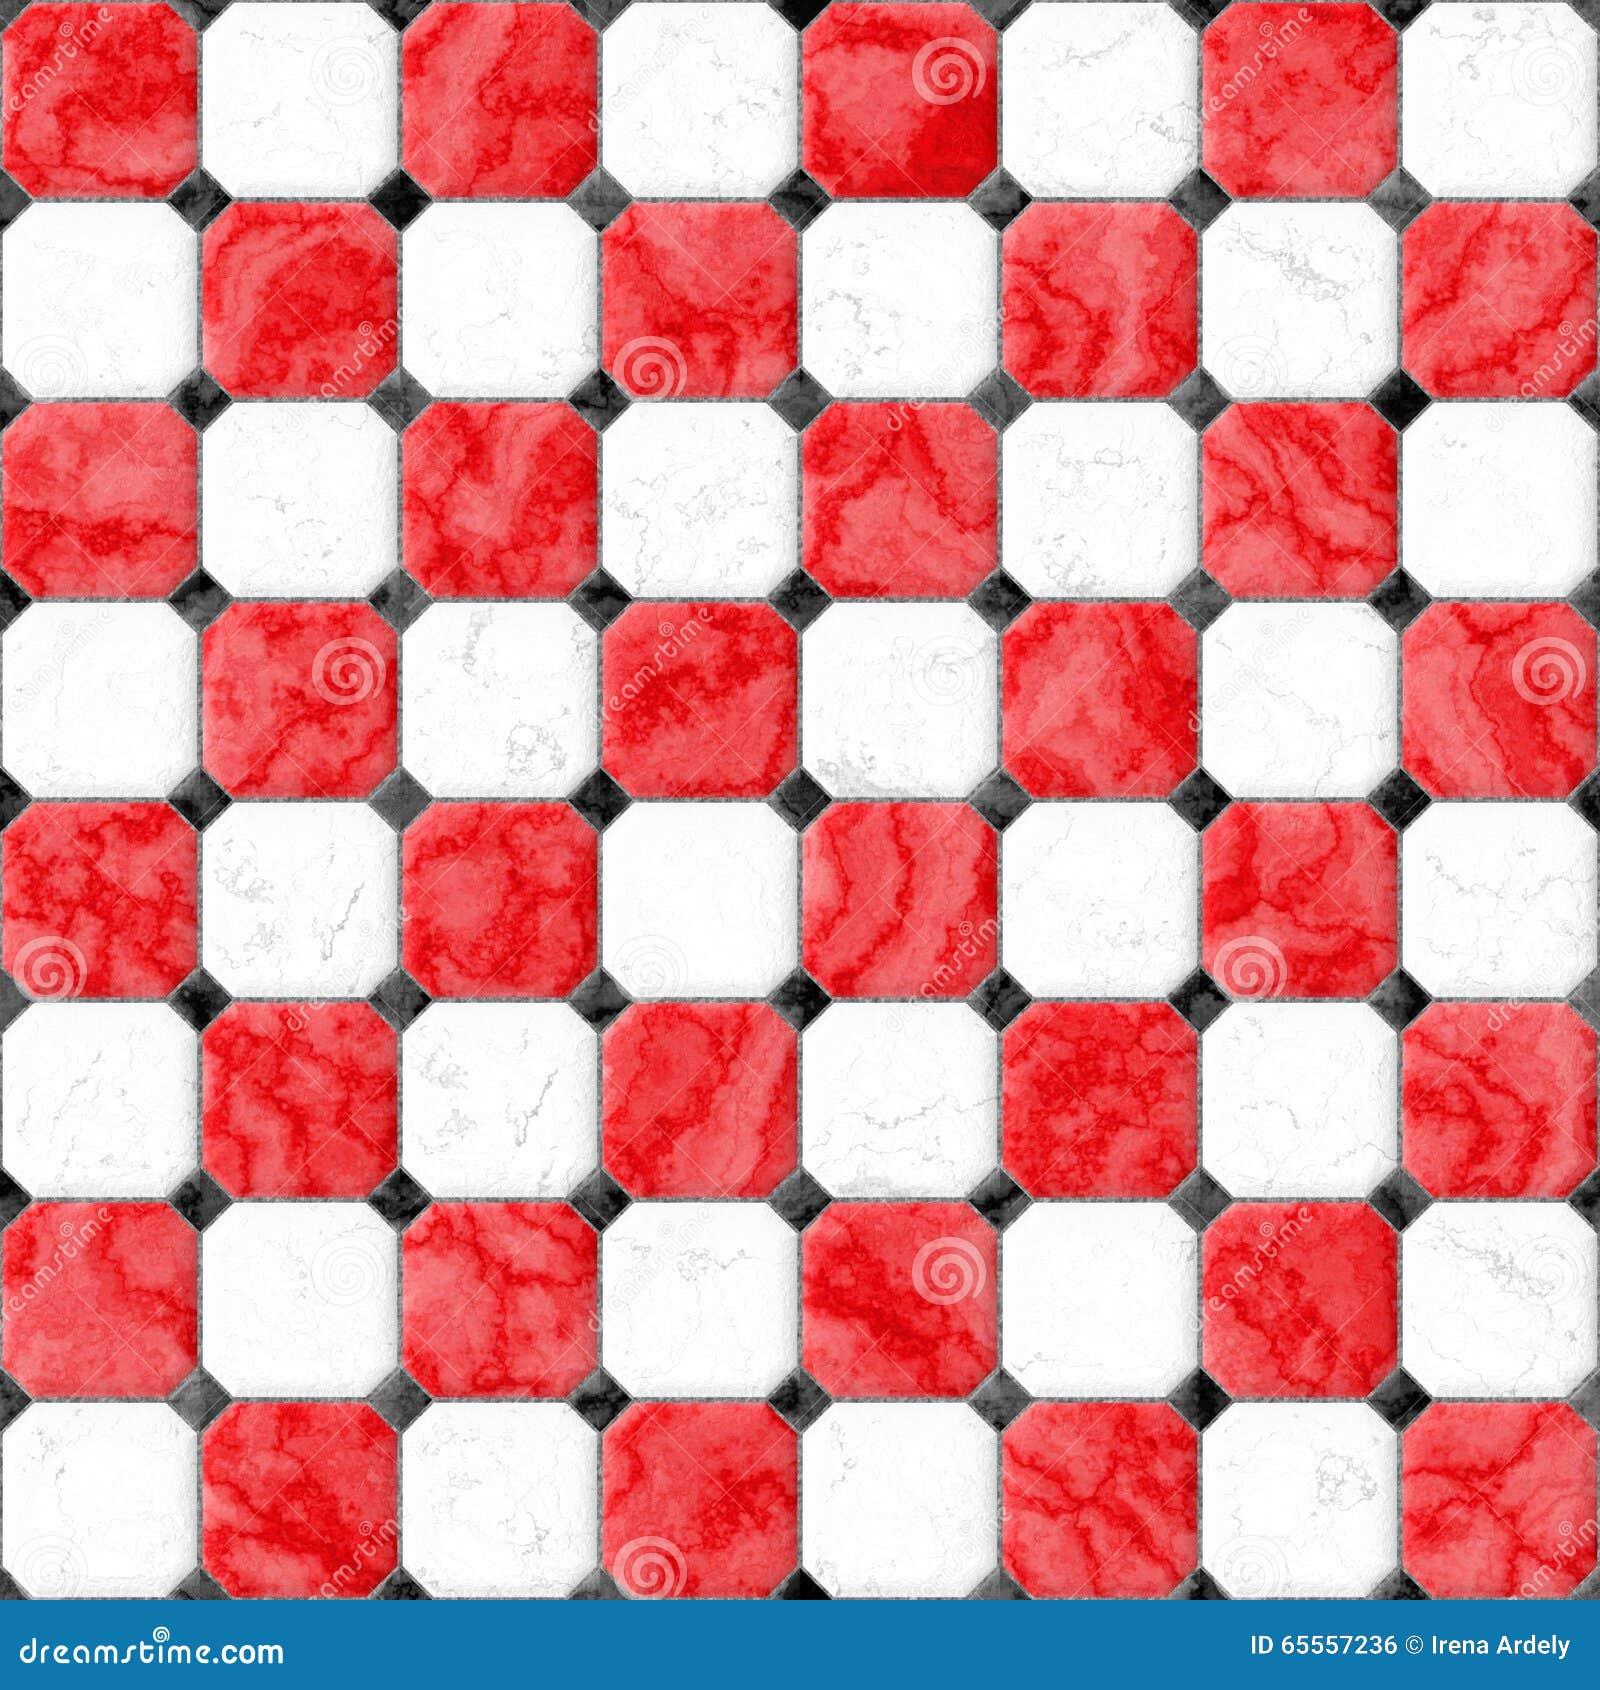 Piastrelle per pavimento quadrate di marmo bianche rosse for Piastrelle bianche marmo